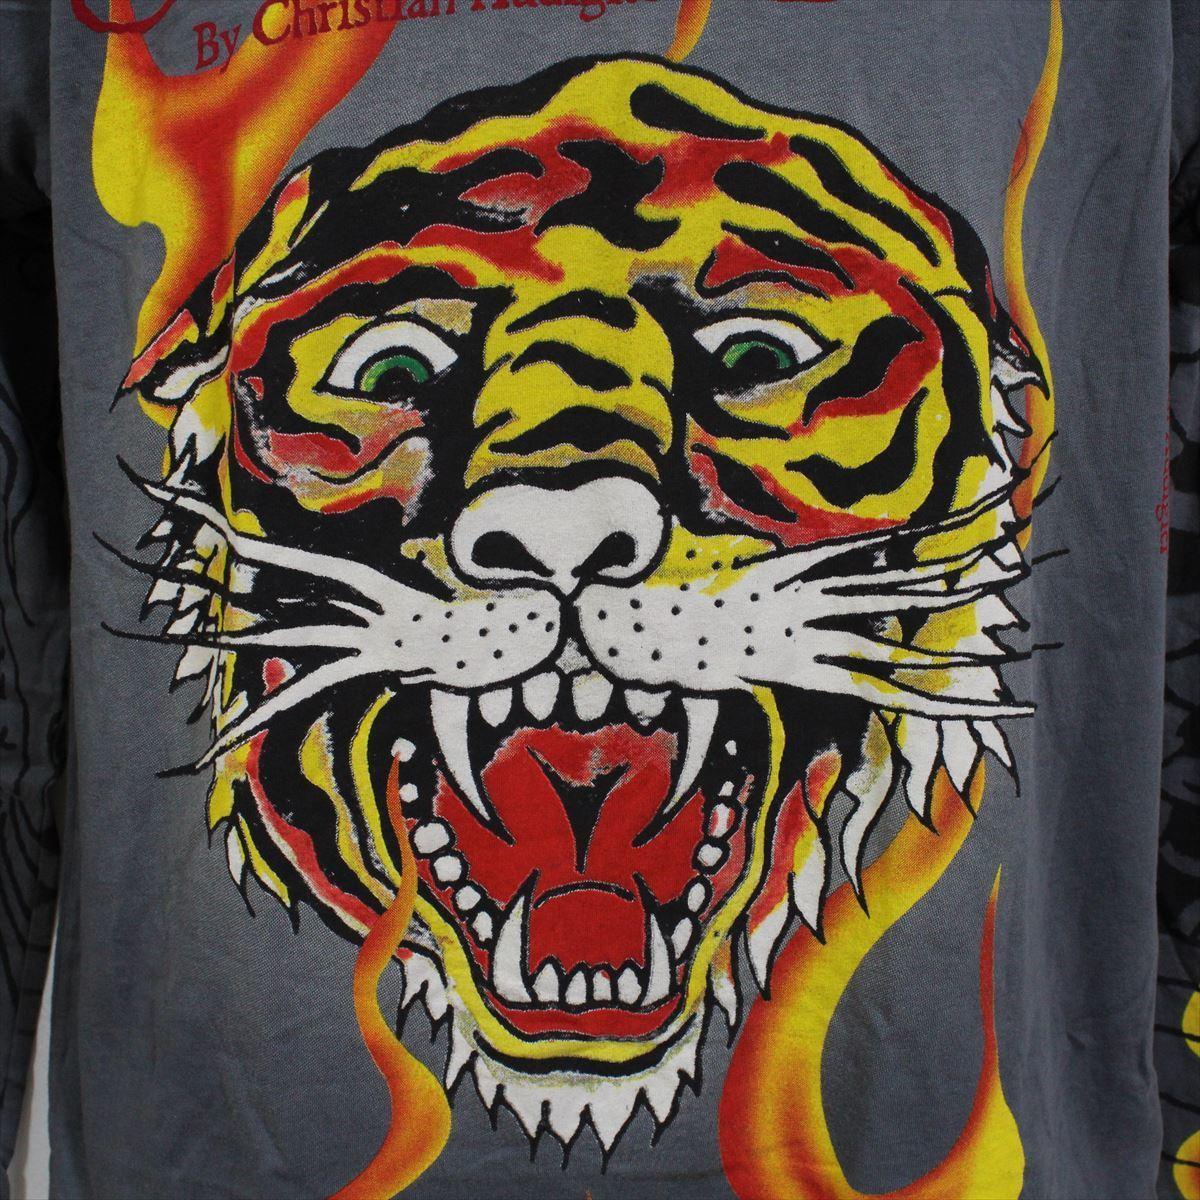 エドハーディー ED HARDY メンズダブルスリーブTシャツ チャコール Sサイズ NO48 新品 長袖_画像2